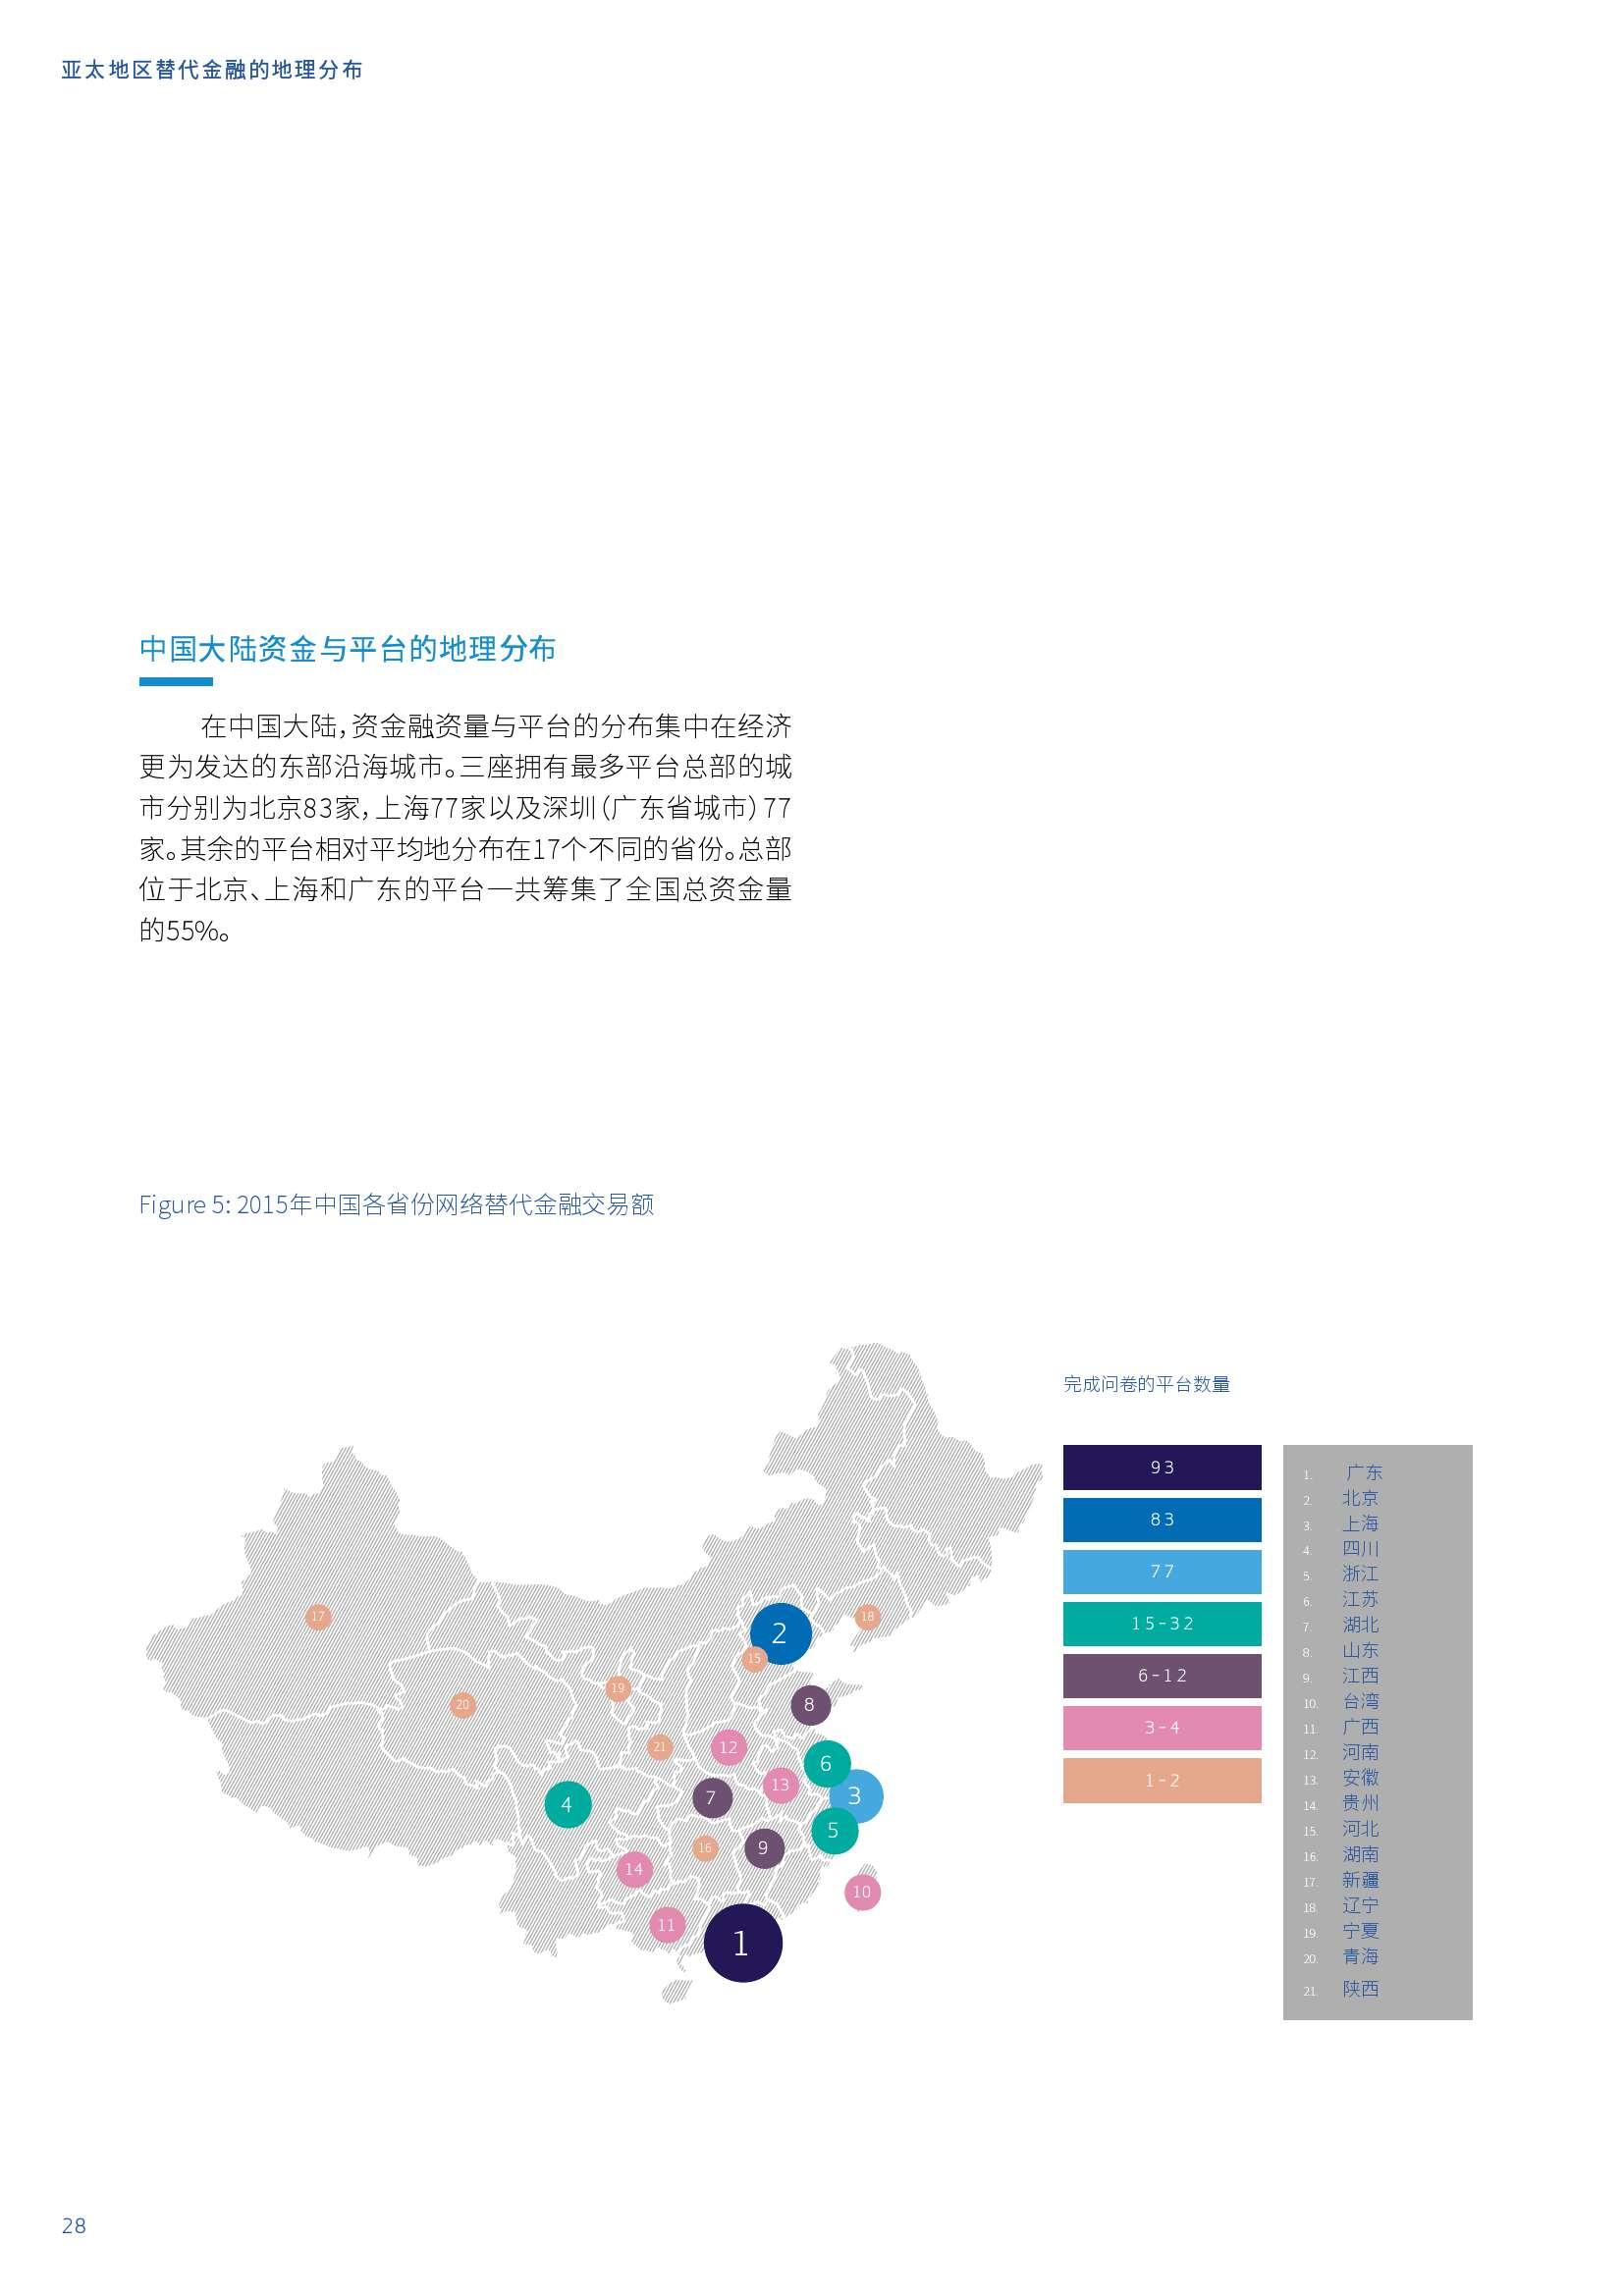 亚太地区网络替代金融基准报告_000028